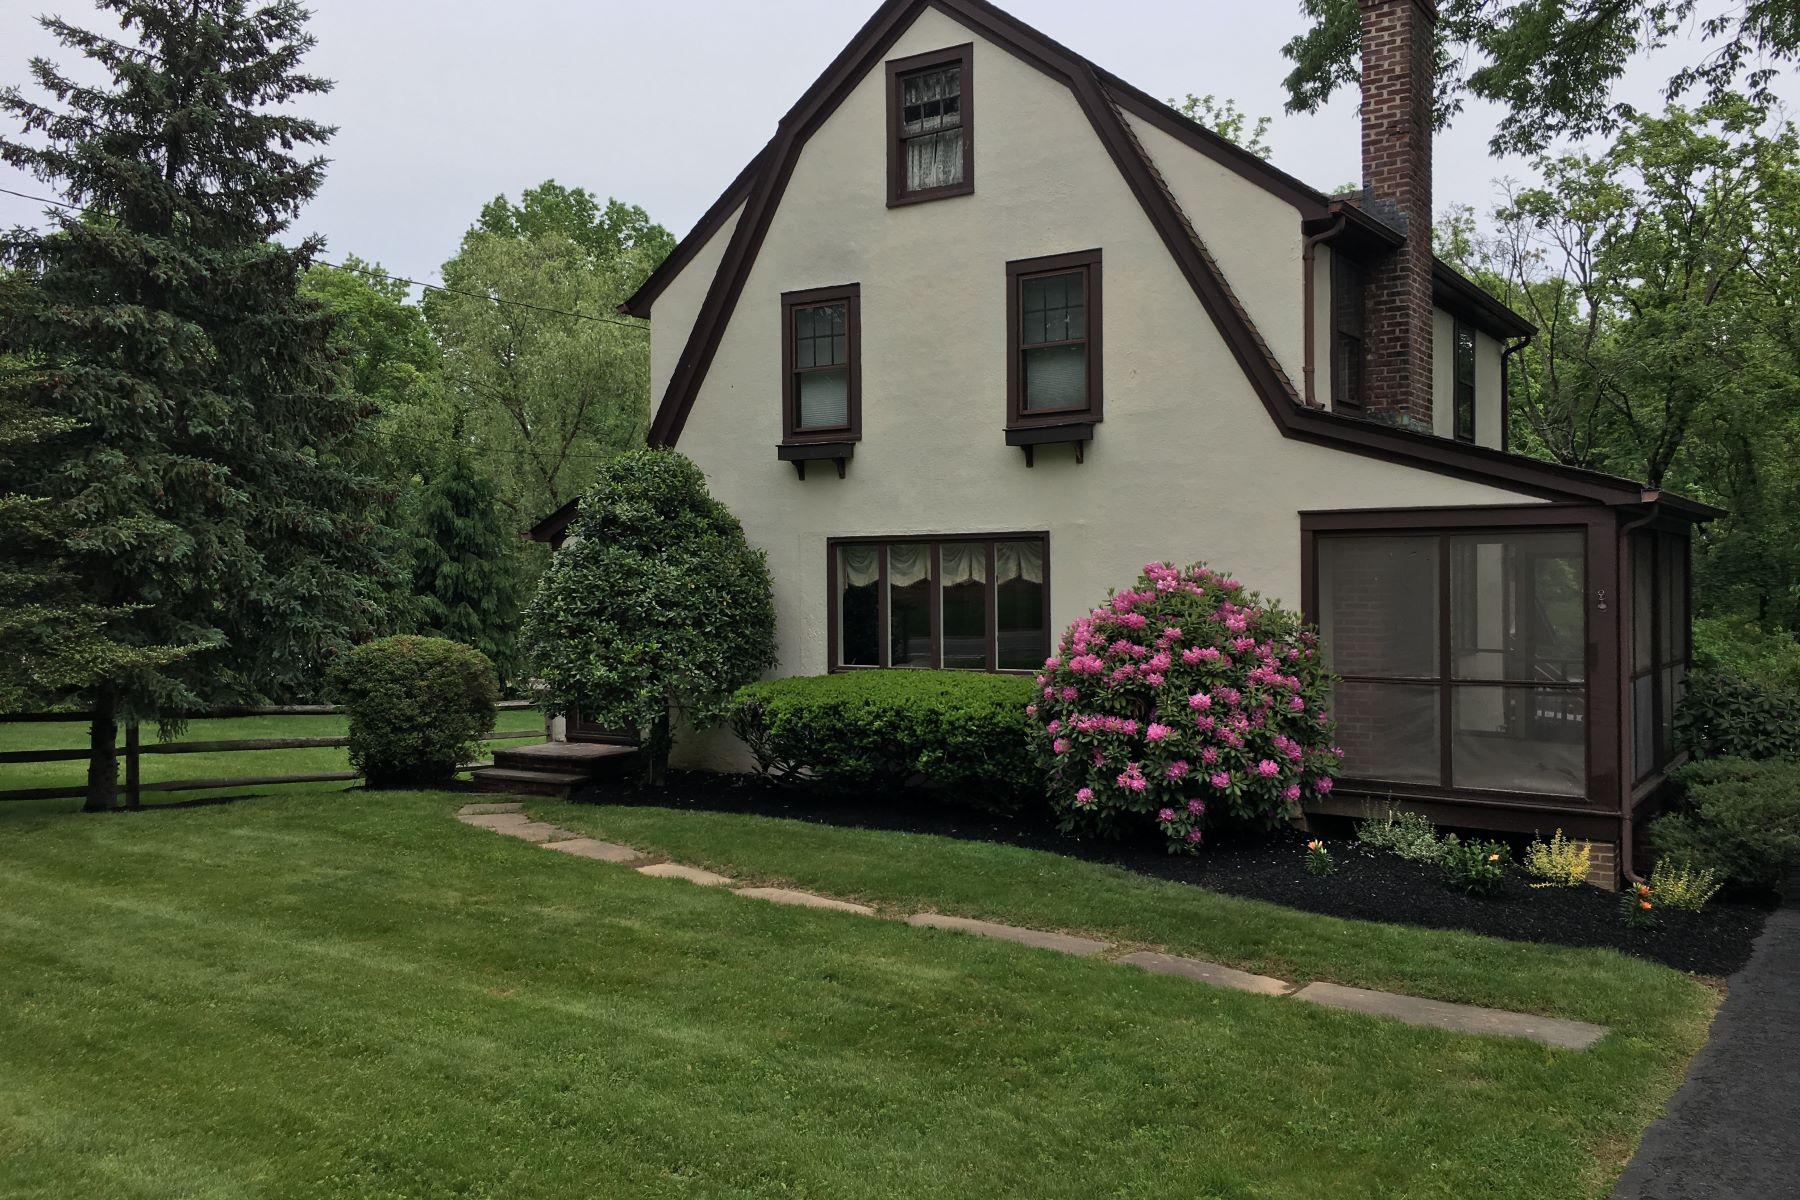 Частный односемейный дом для того Продажа на Charming Colonial Tudor 512 Lyons Road Bernards Township, Нью-Джерси 07920 Соединенные Штаты